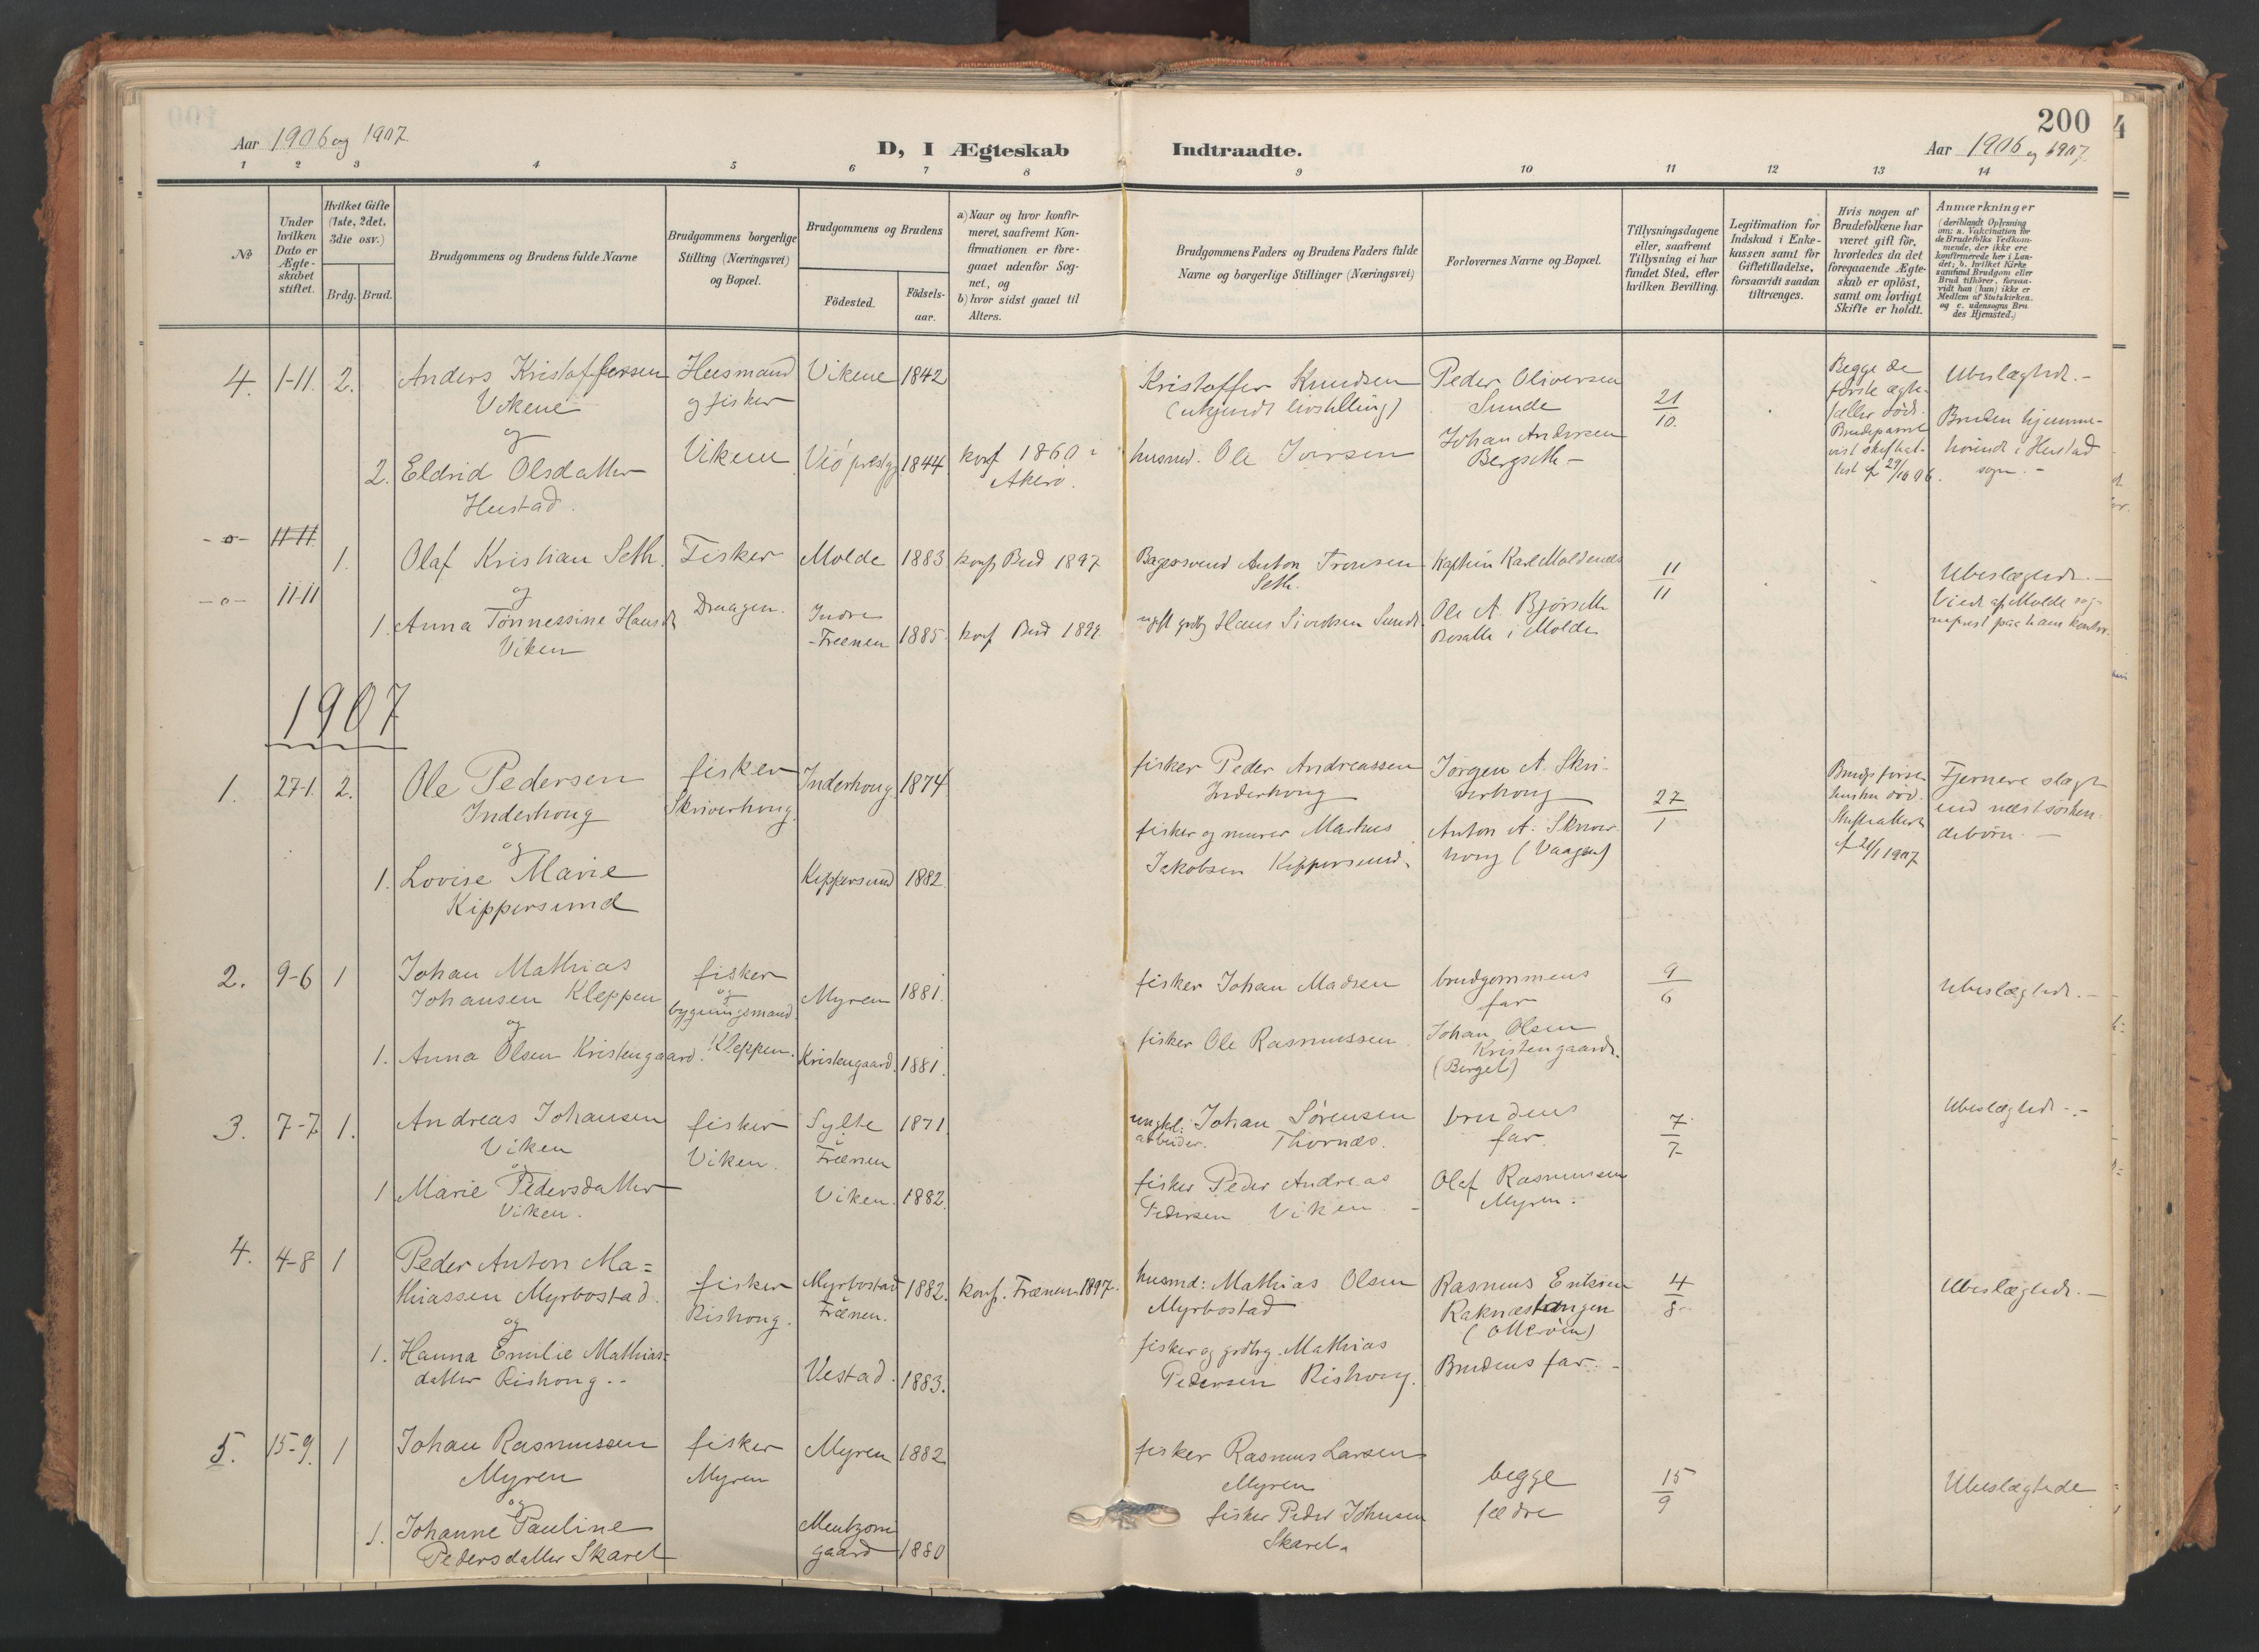 SAT, Ministerialprotokoller, klokkerbøker og fødselsregistre - Møre og Romsdal, 566/L0771: Ministerialbok nr. 566A10, 1904-1929, s. 200